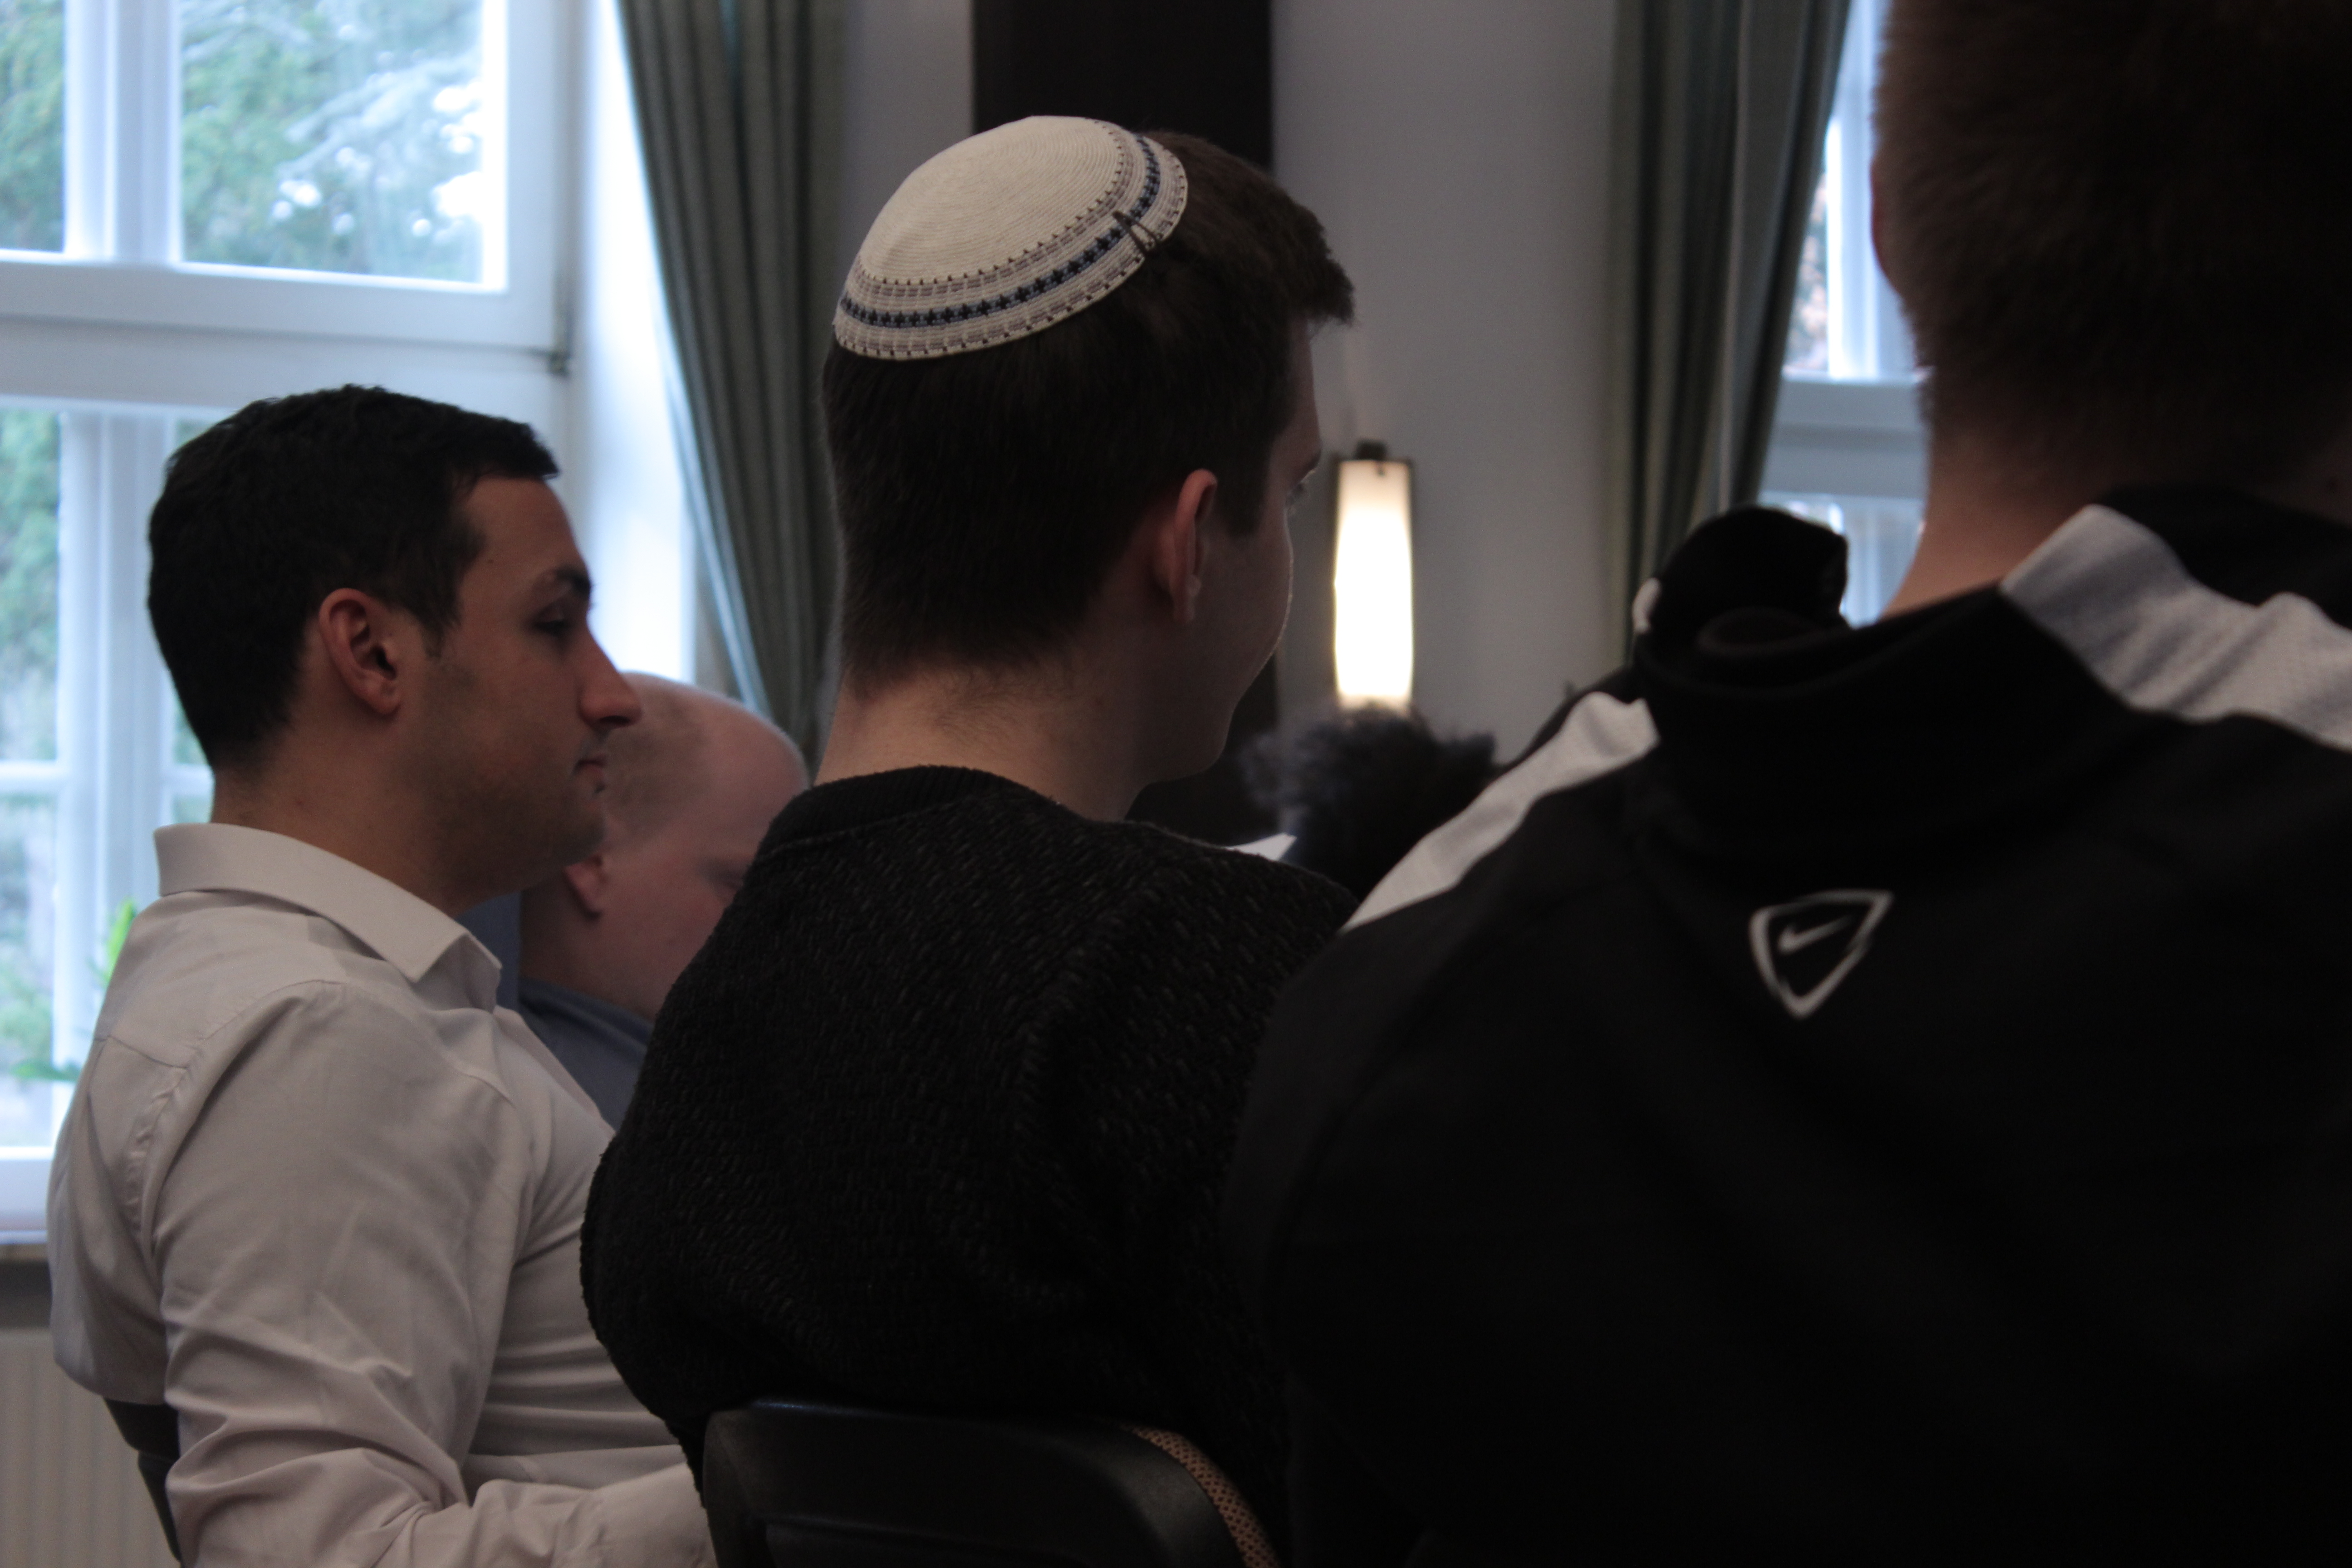 Geflüchtete in jüdischen Quellen